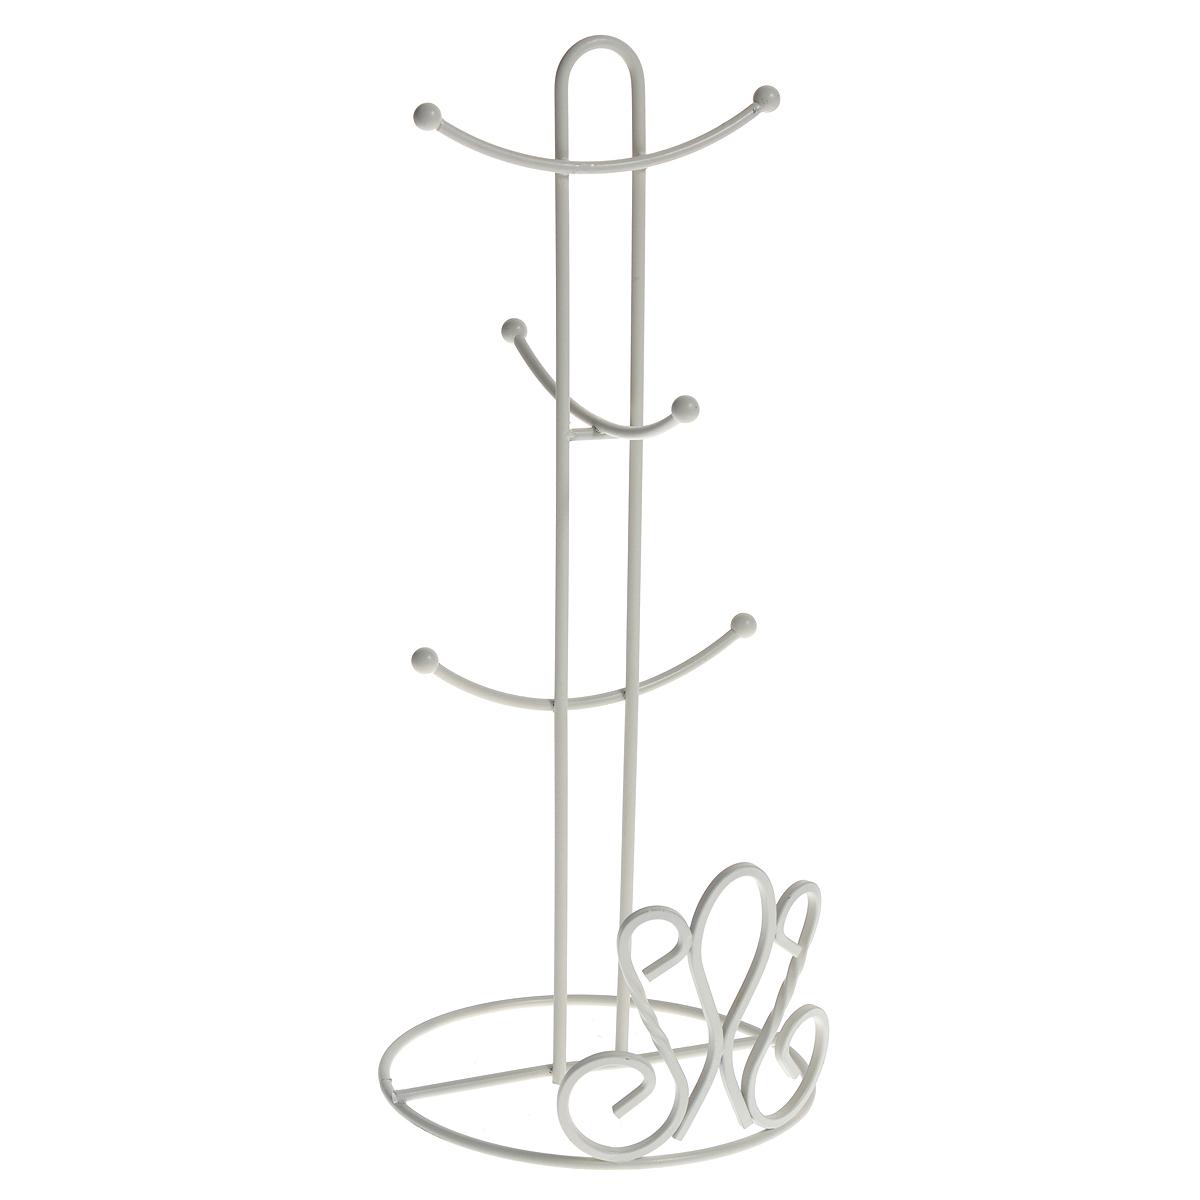 Подставка De Lis для 6 кружек, цвет: белыйVT-1520(SR)Подставка для шести кружек De Lis, выполненная из стали белого цвета, приведет Вас в восхищение. Это незаменимая вещь для кухни, где не так уж и много свободного пространства. Она представляет собой круглое резное основание, к которому крепится вертикальный стержень. К стержню присоединены небольшие крючки, на которые вешаются кружки. Края крючков декорированы небольшими шариками.Подставка De Lis прекрасно подойдет в домашнем быту, она позволяет хранить кружки компактно. Просто повесьте их за ручки на эту подставку. Характеристики:Материал: нержавеющая сталь. Цвет: белый. Высота подставки: 38 см. Диаметр основания: 15 см. Длина крючка: 5,5 см. Артикул: 0508281.